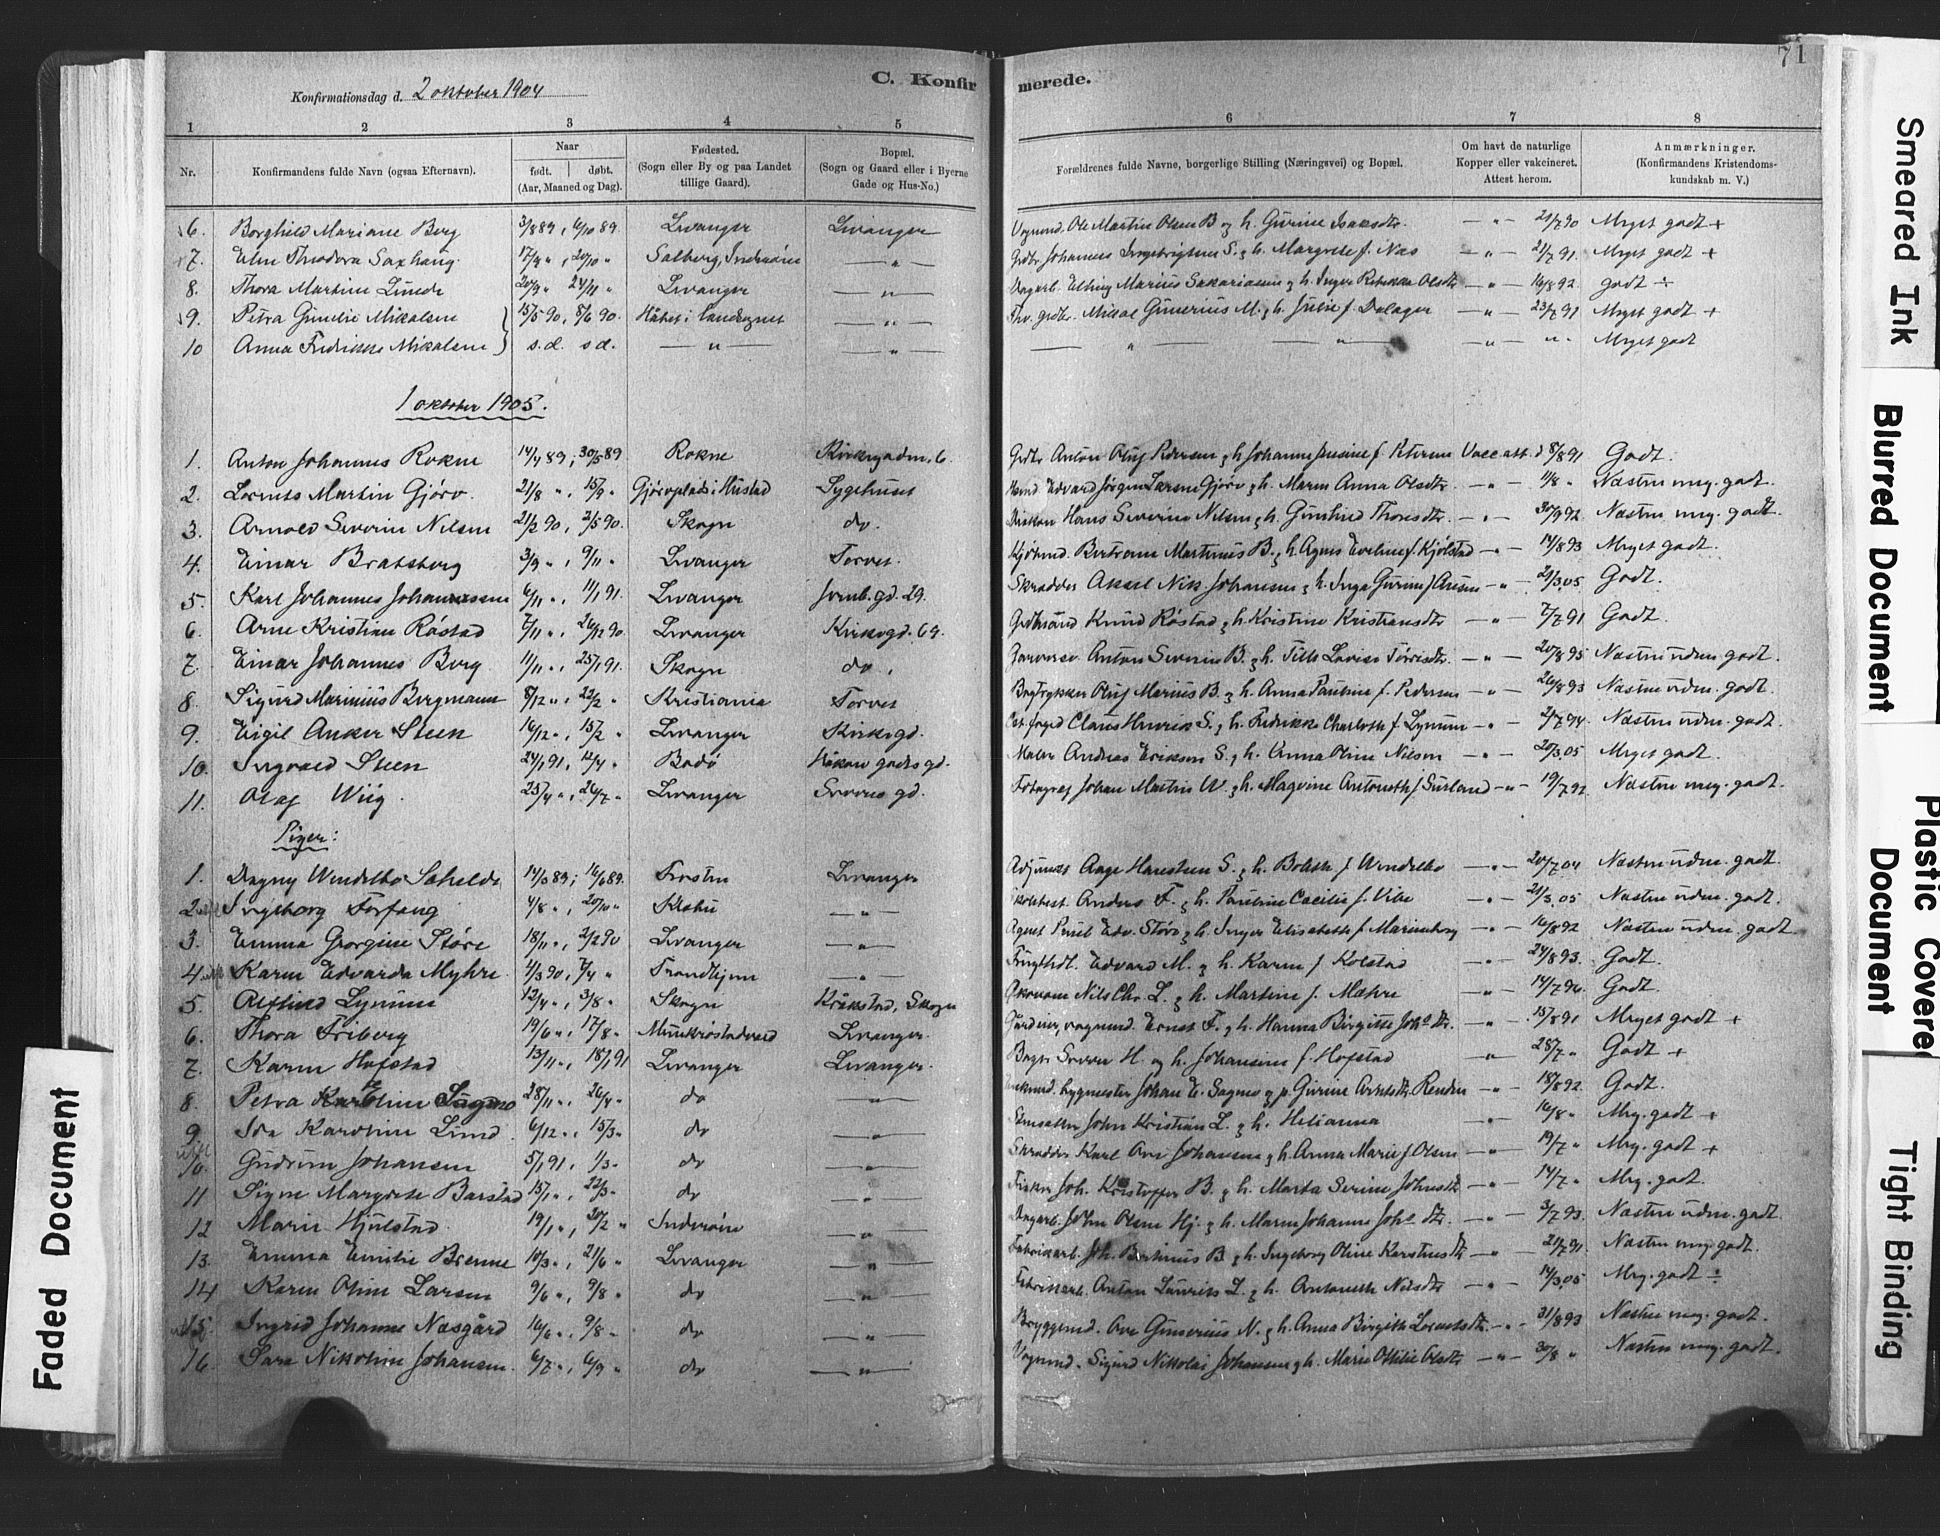 SAT, Ministerialprotokoller, klokkerbøker og fødselsregistre - Nord-Trøndelag, 720/L0189: Ministerialbok nr. 720A05, 1880-1911, s. 71